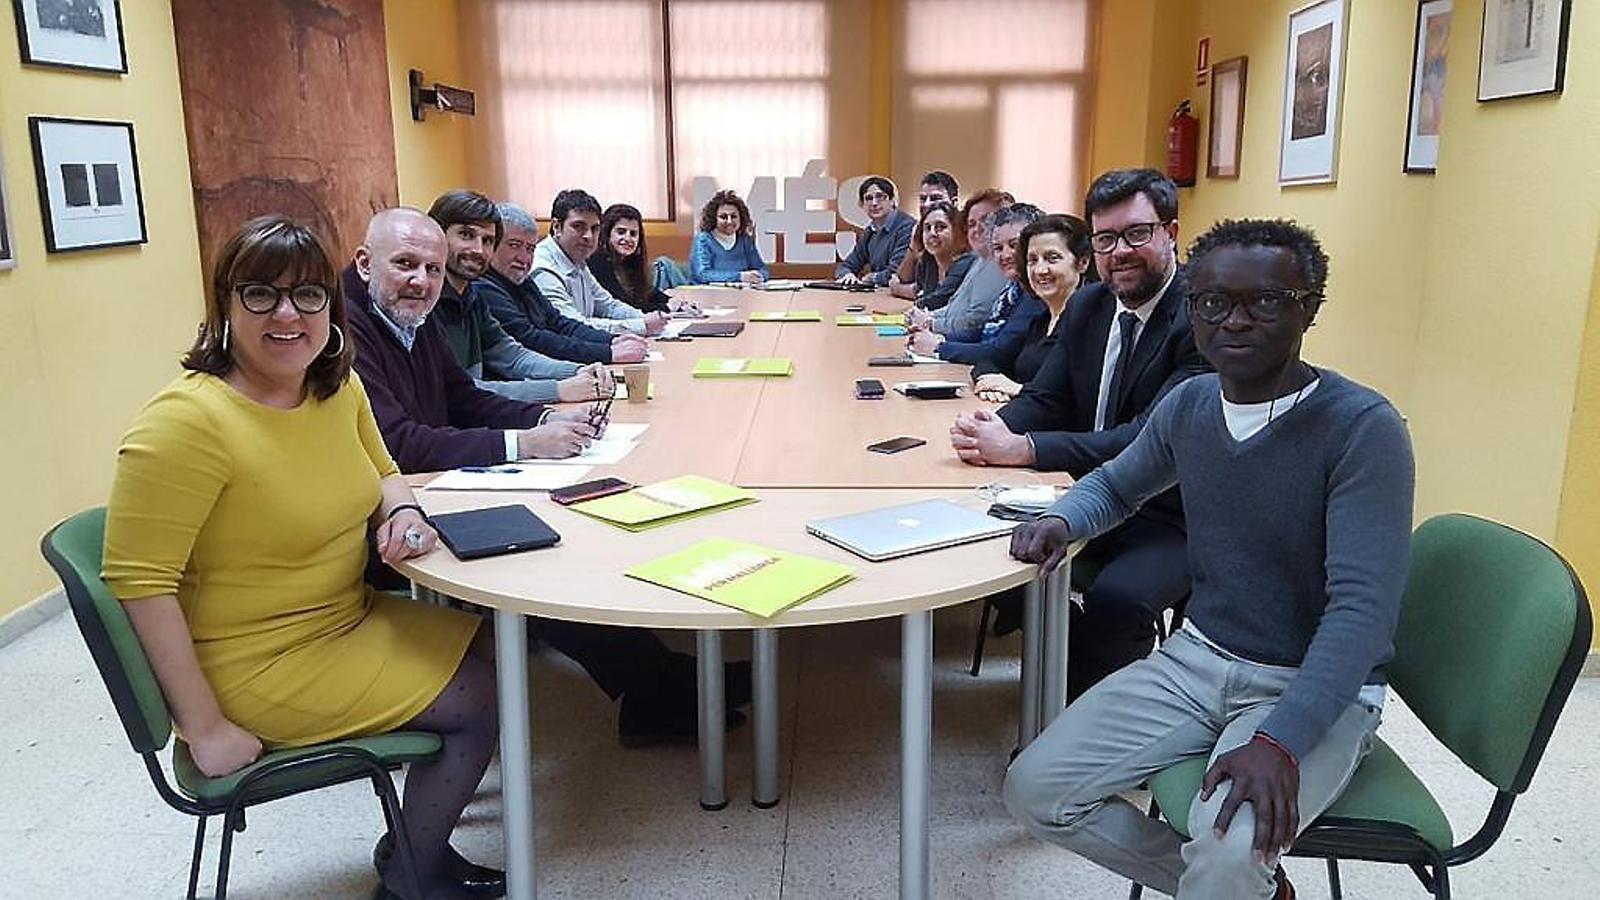 TROBADA L'executiva de MÉS per Mallorca es va reunir ahir per tractar l'avançament electoral.